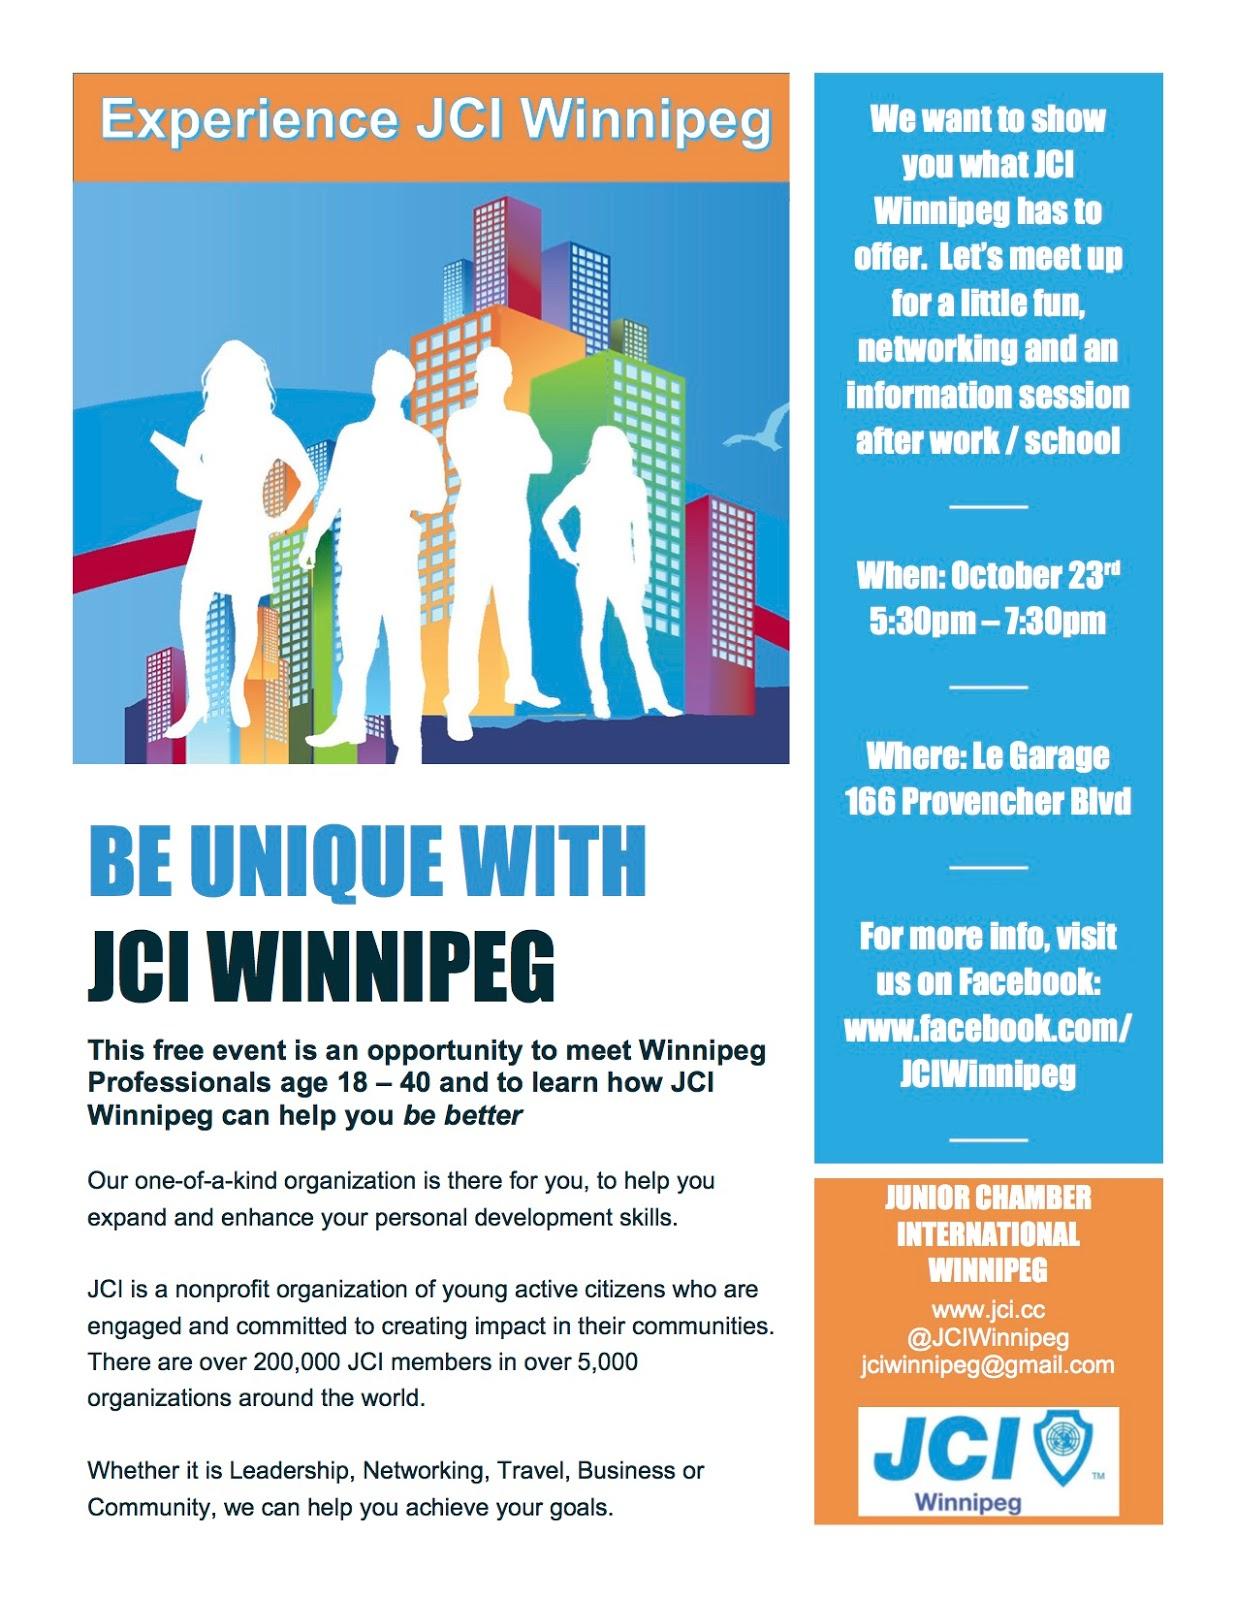 JCI Winnipeg - Where is winnipeg